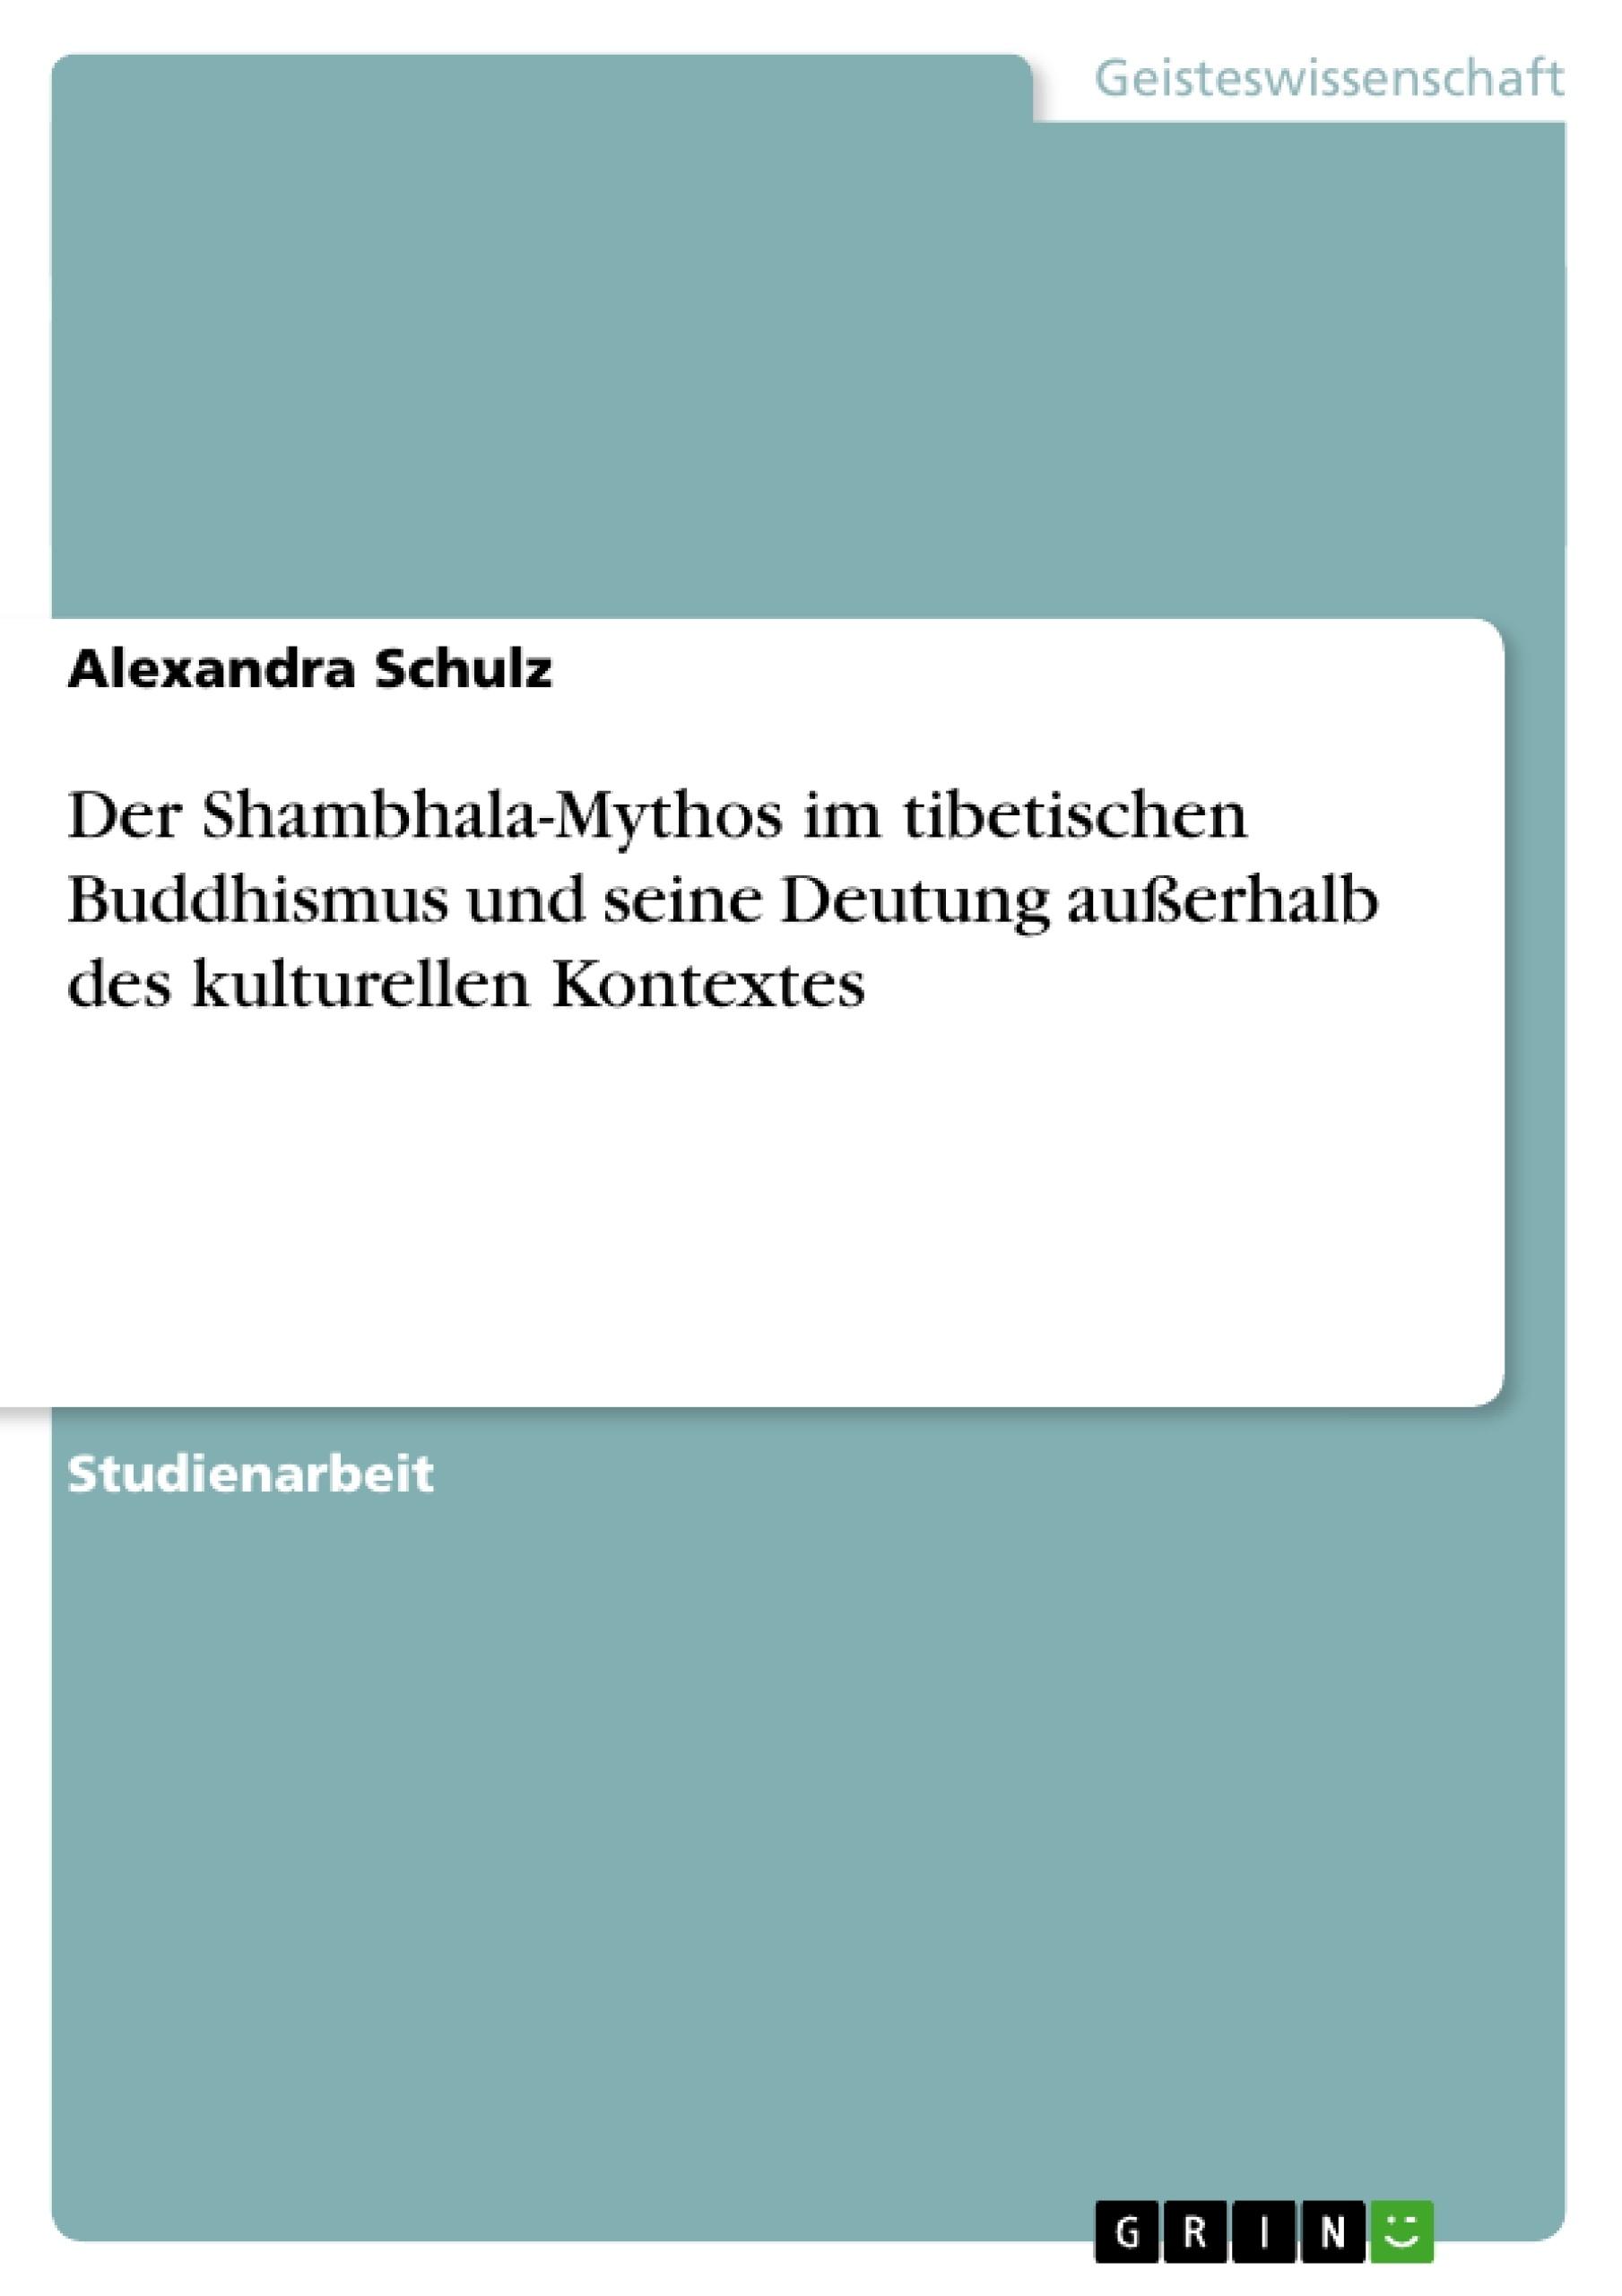 Titel: Der Shambhala-Mythos im tibetischen Buddhismus und seine Deutung außerhalb des kulturellen Kontextes